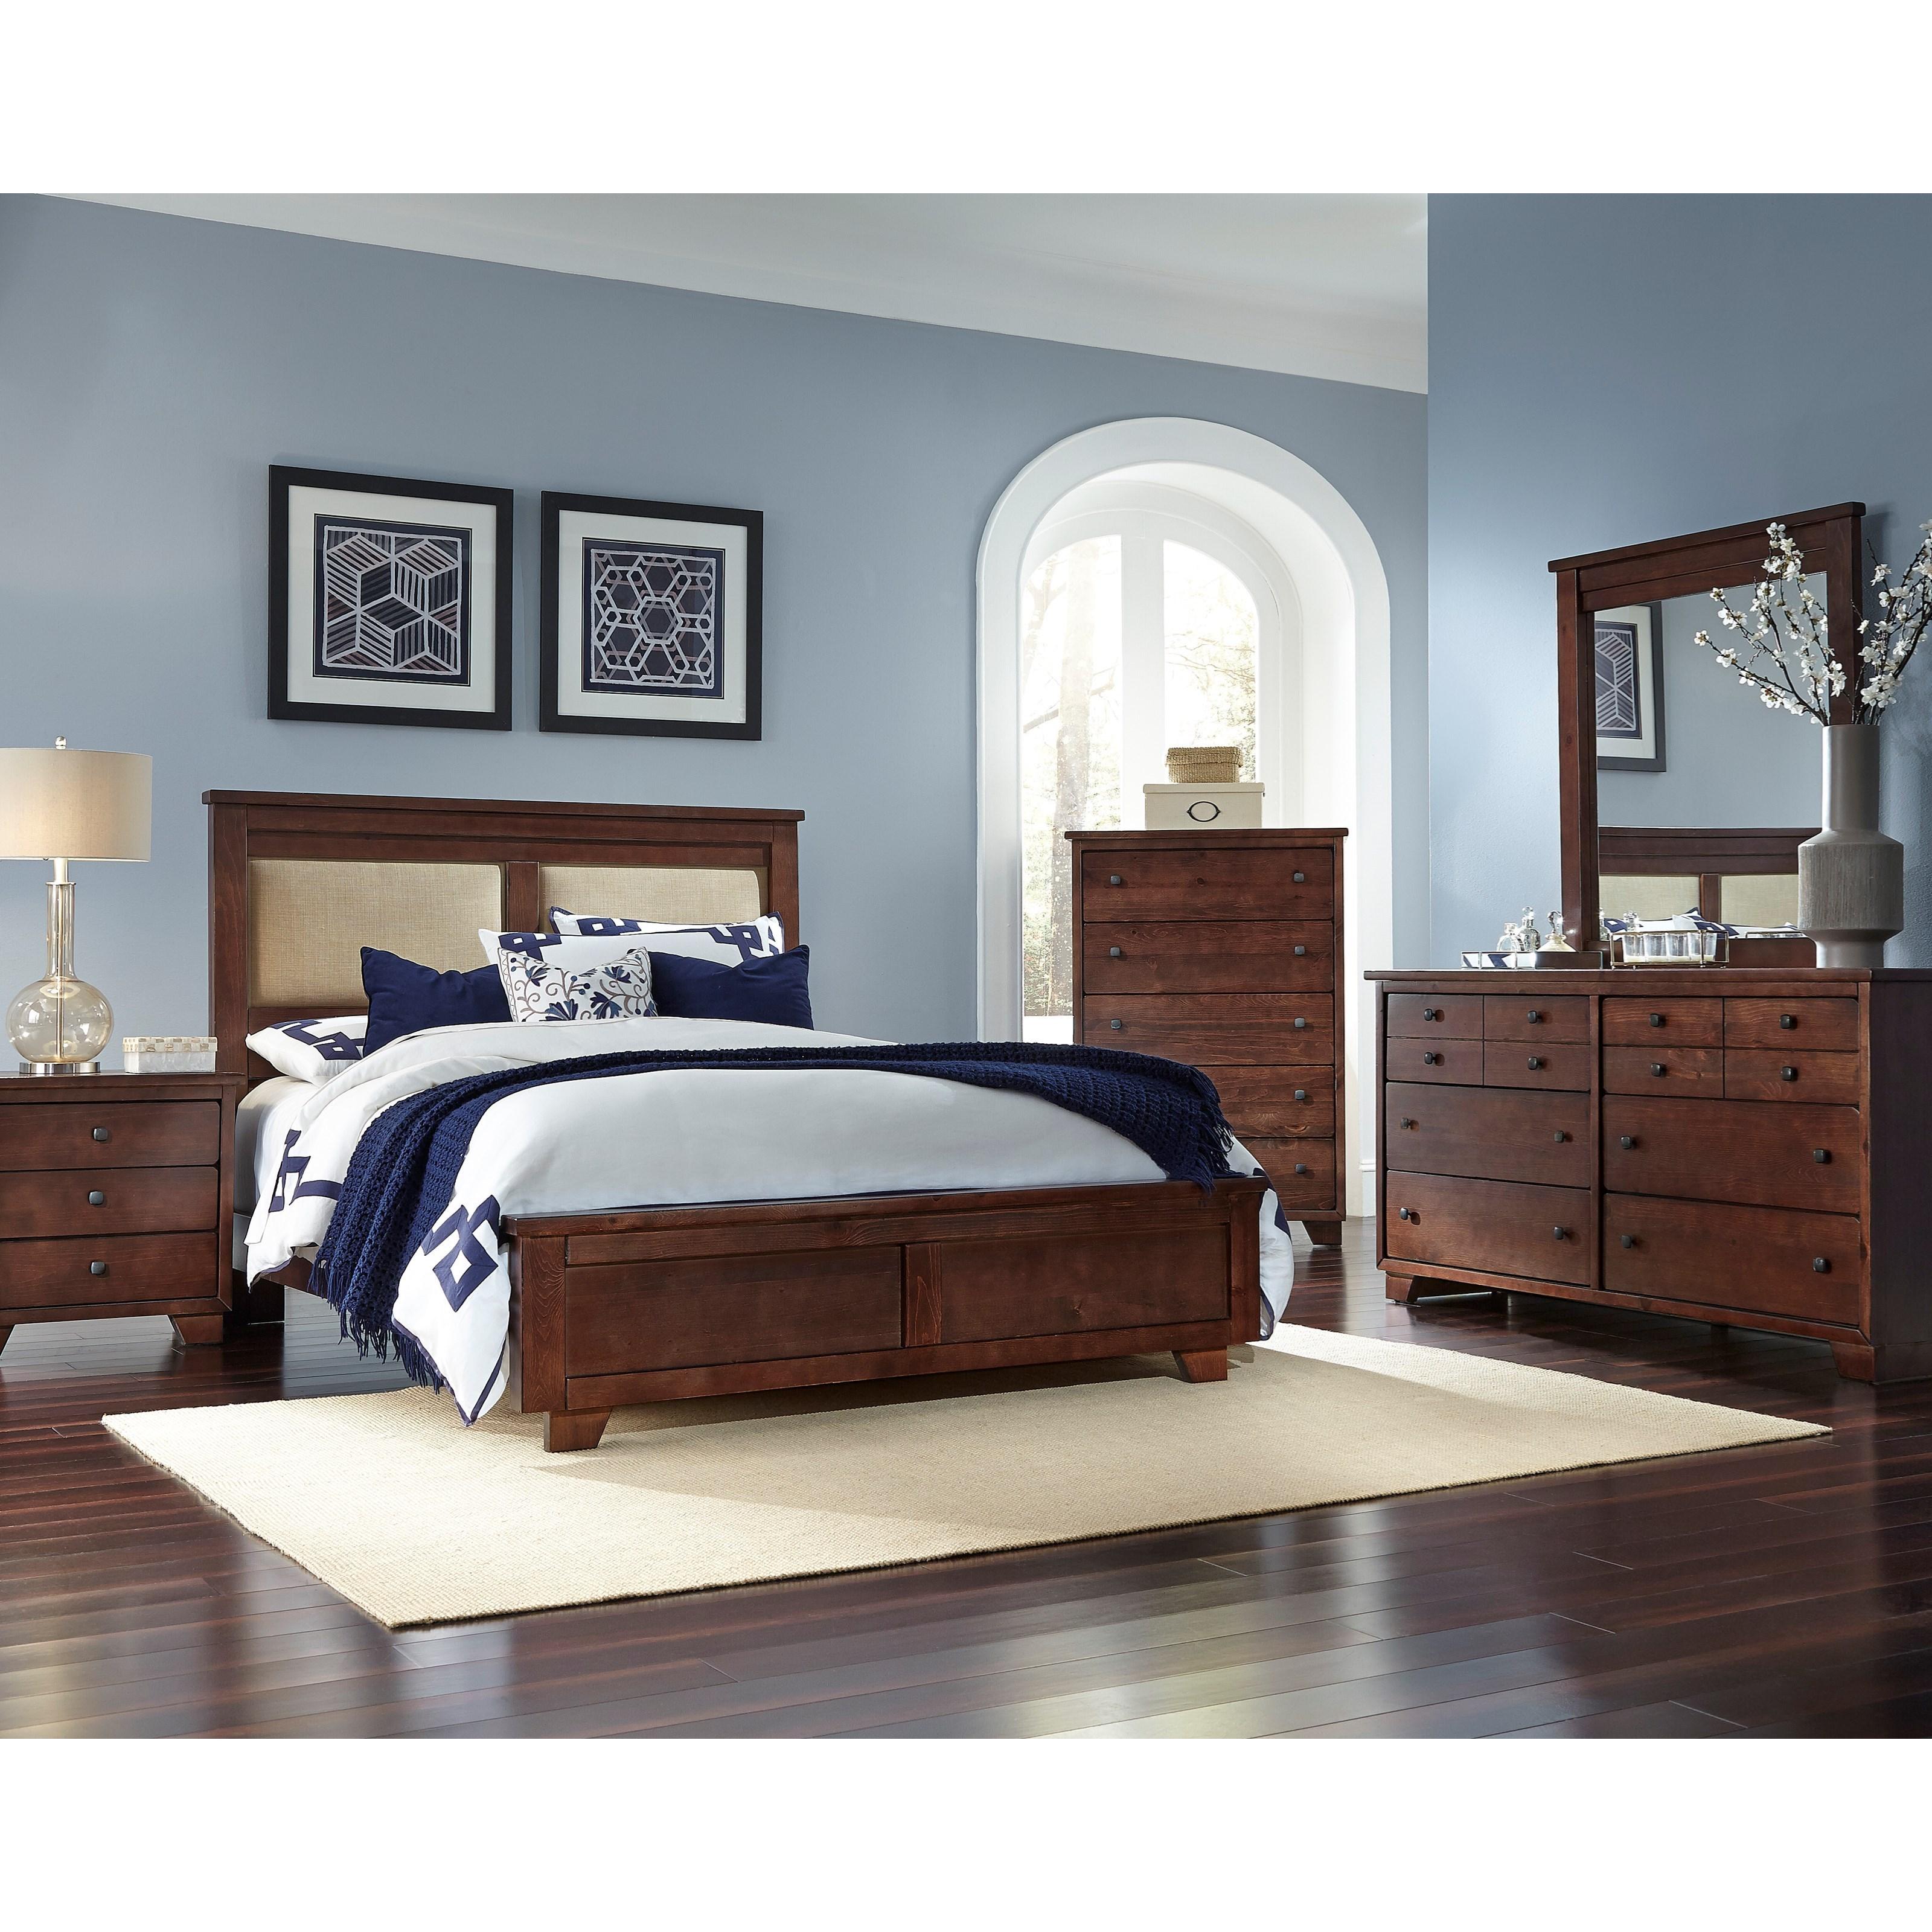 Bedroom Furniture Manufacturer: Progressive Furniture Diego Queen Bedroom Group